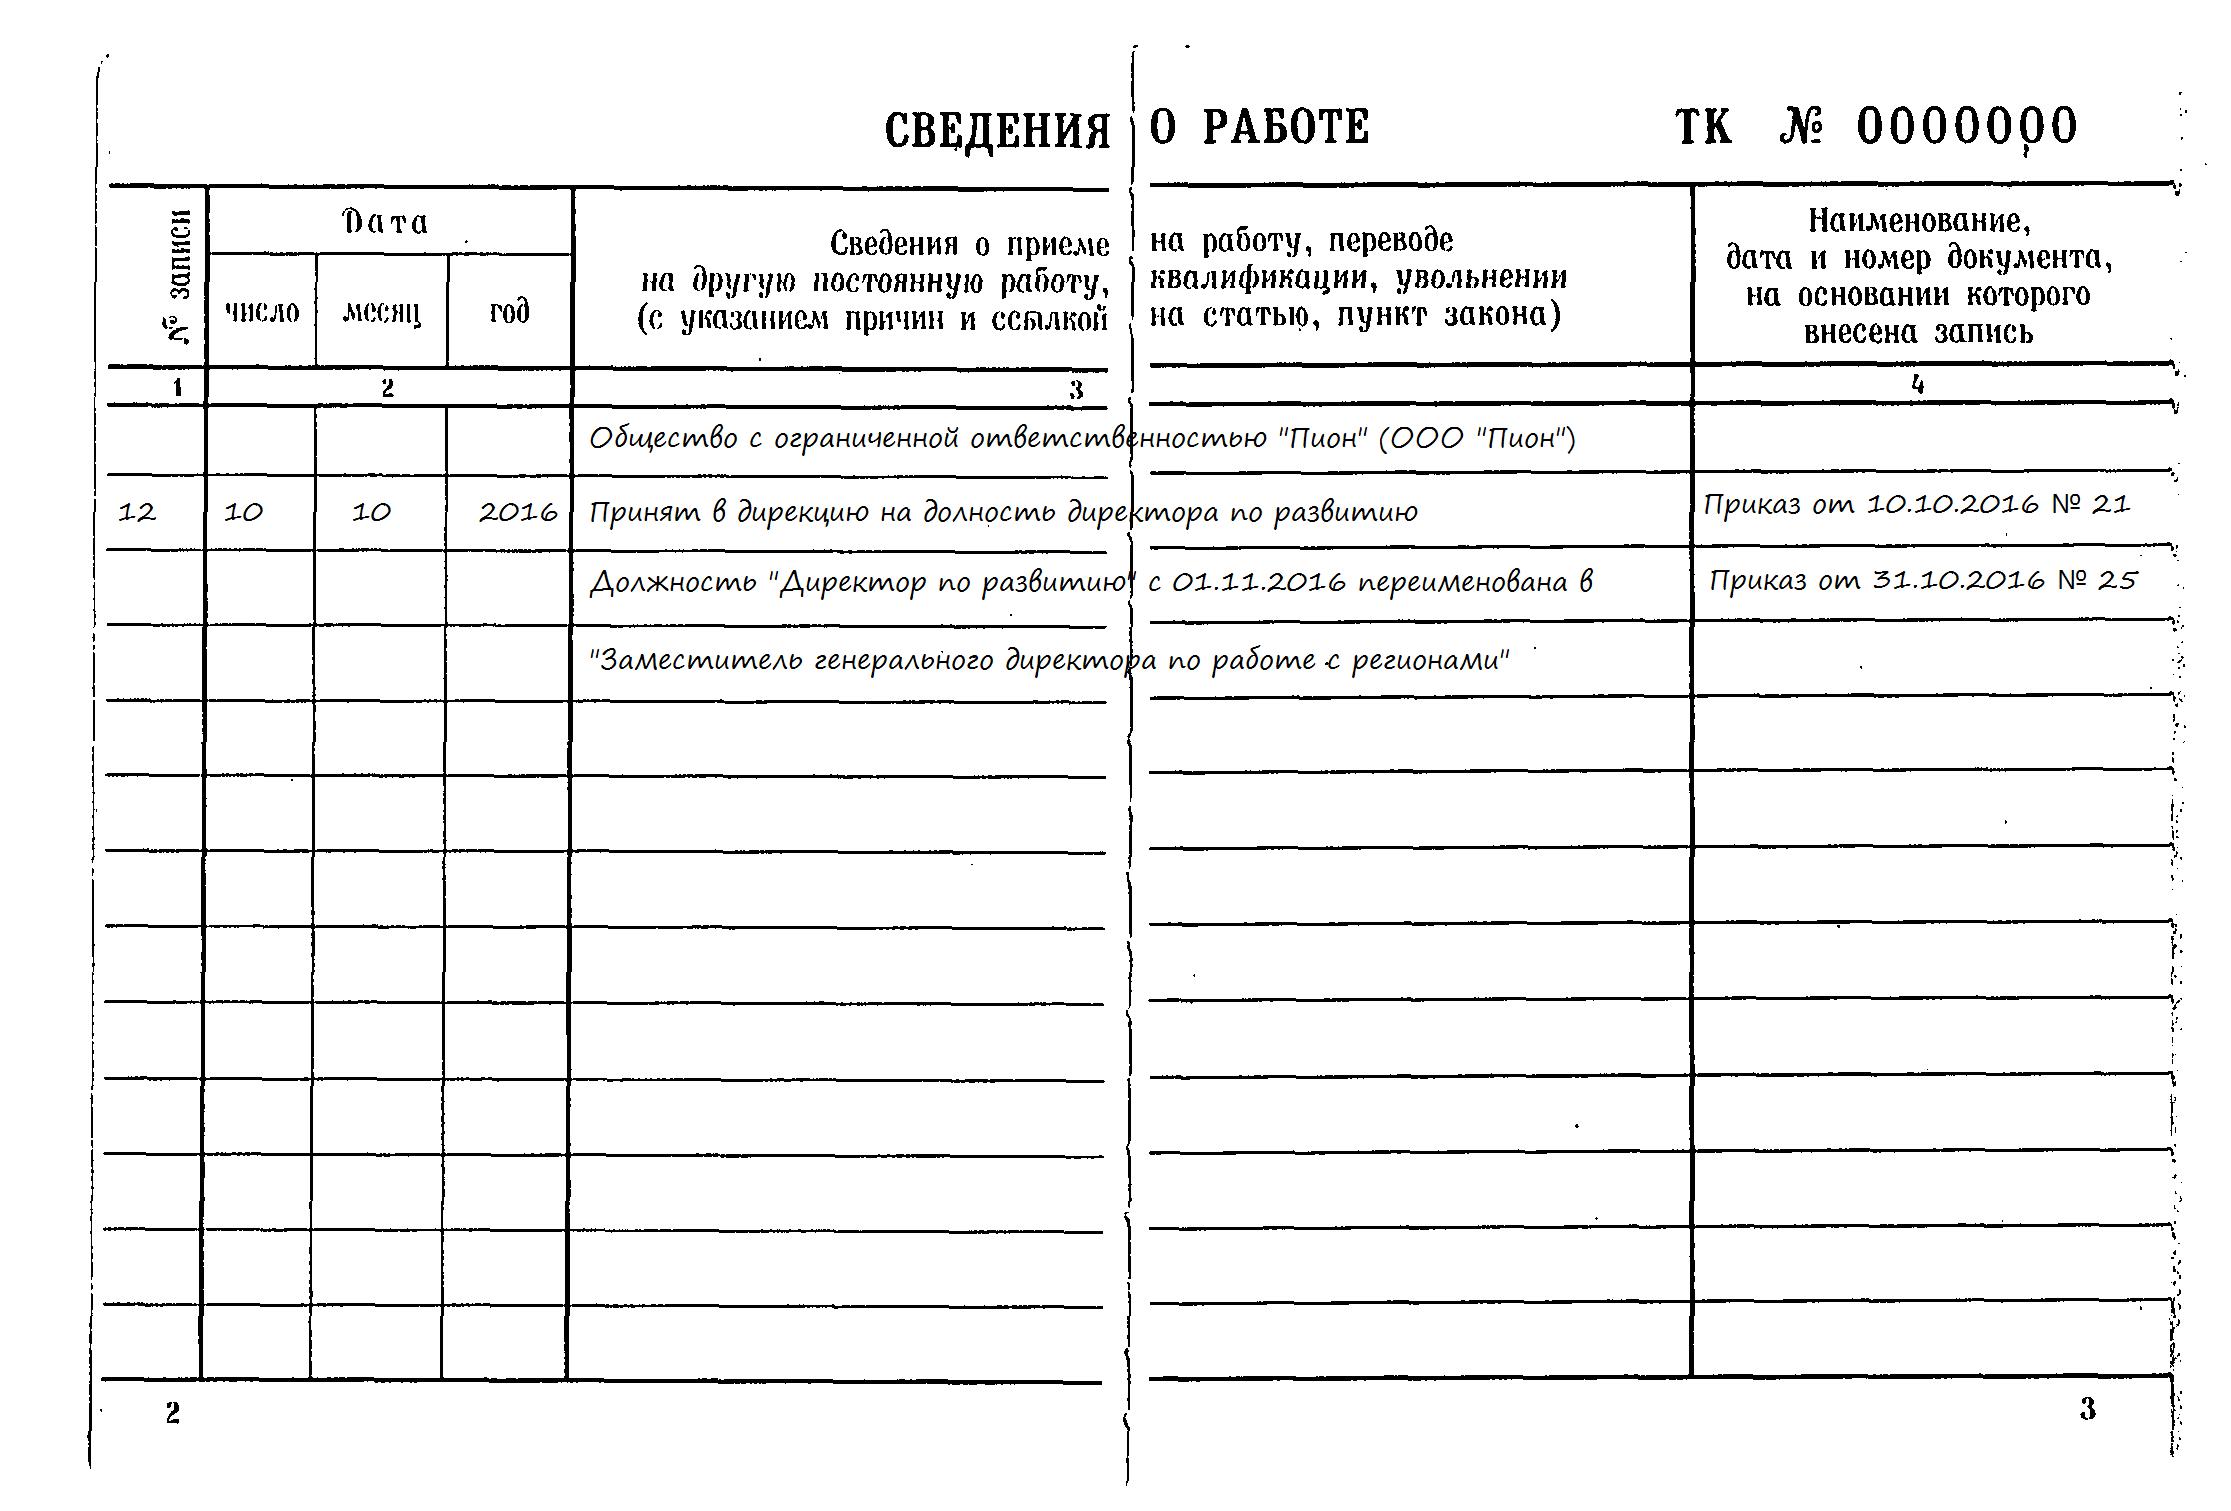 Запись в трудовой книжке о переименовании должности